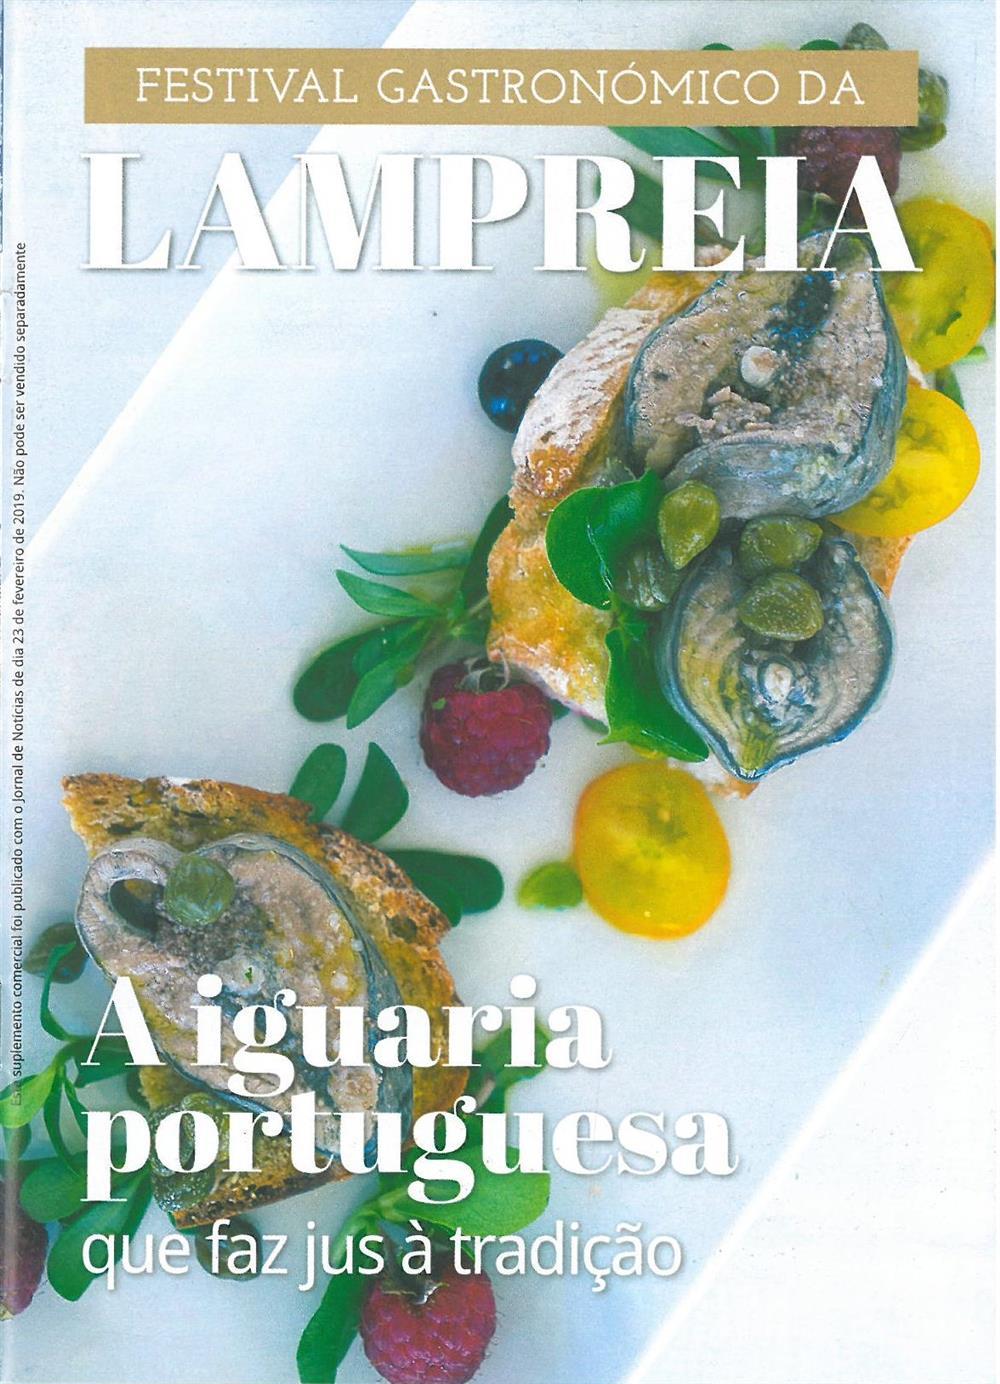 Festival gastronómico da lampreia.jpg